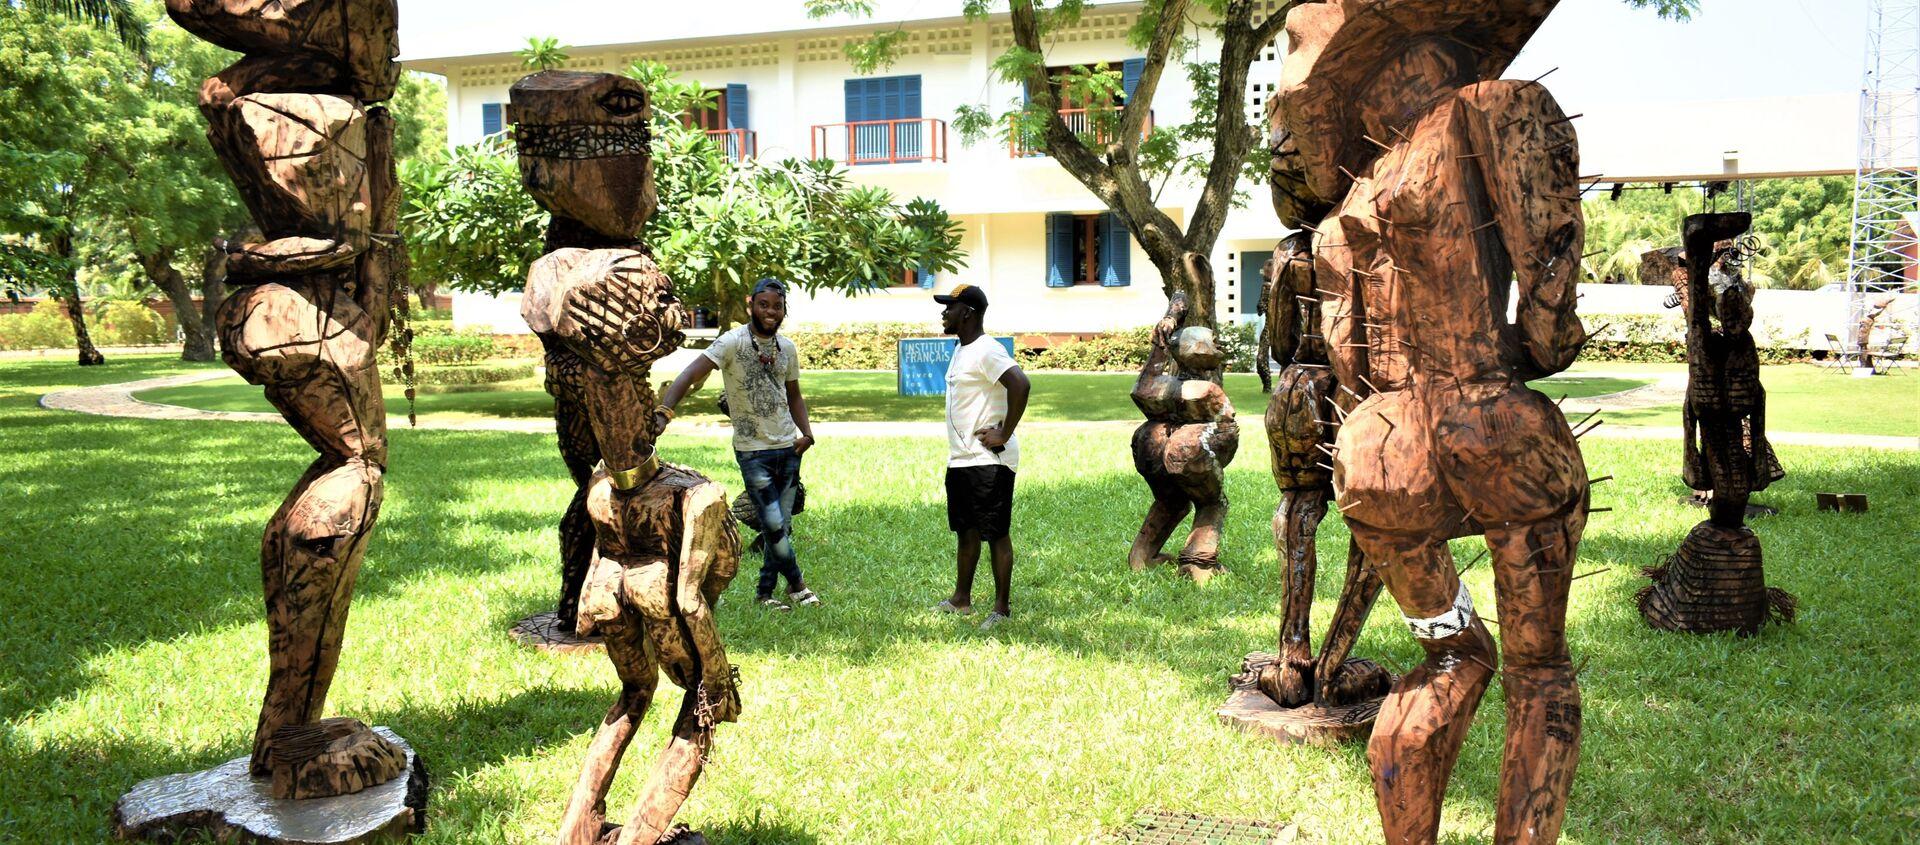 Devant les sculptures sous le titre de l'humanité, l'Atisso Goha échange avec un autre visiteur - Sputnik France, 1920, 30.07.2021